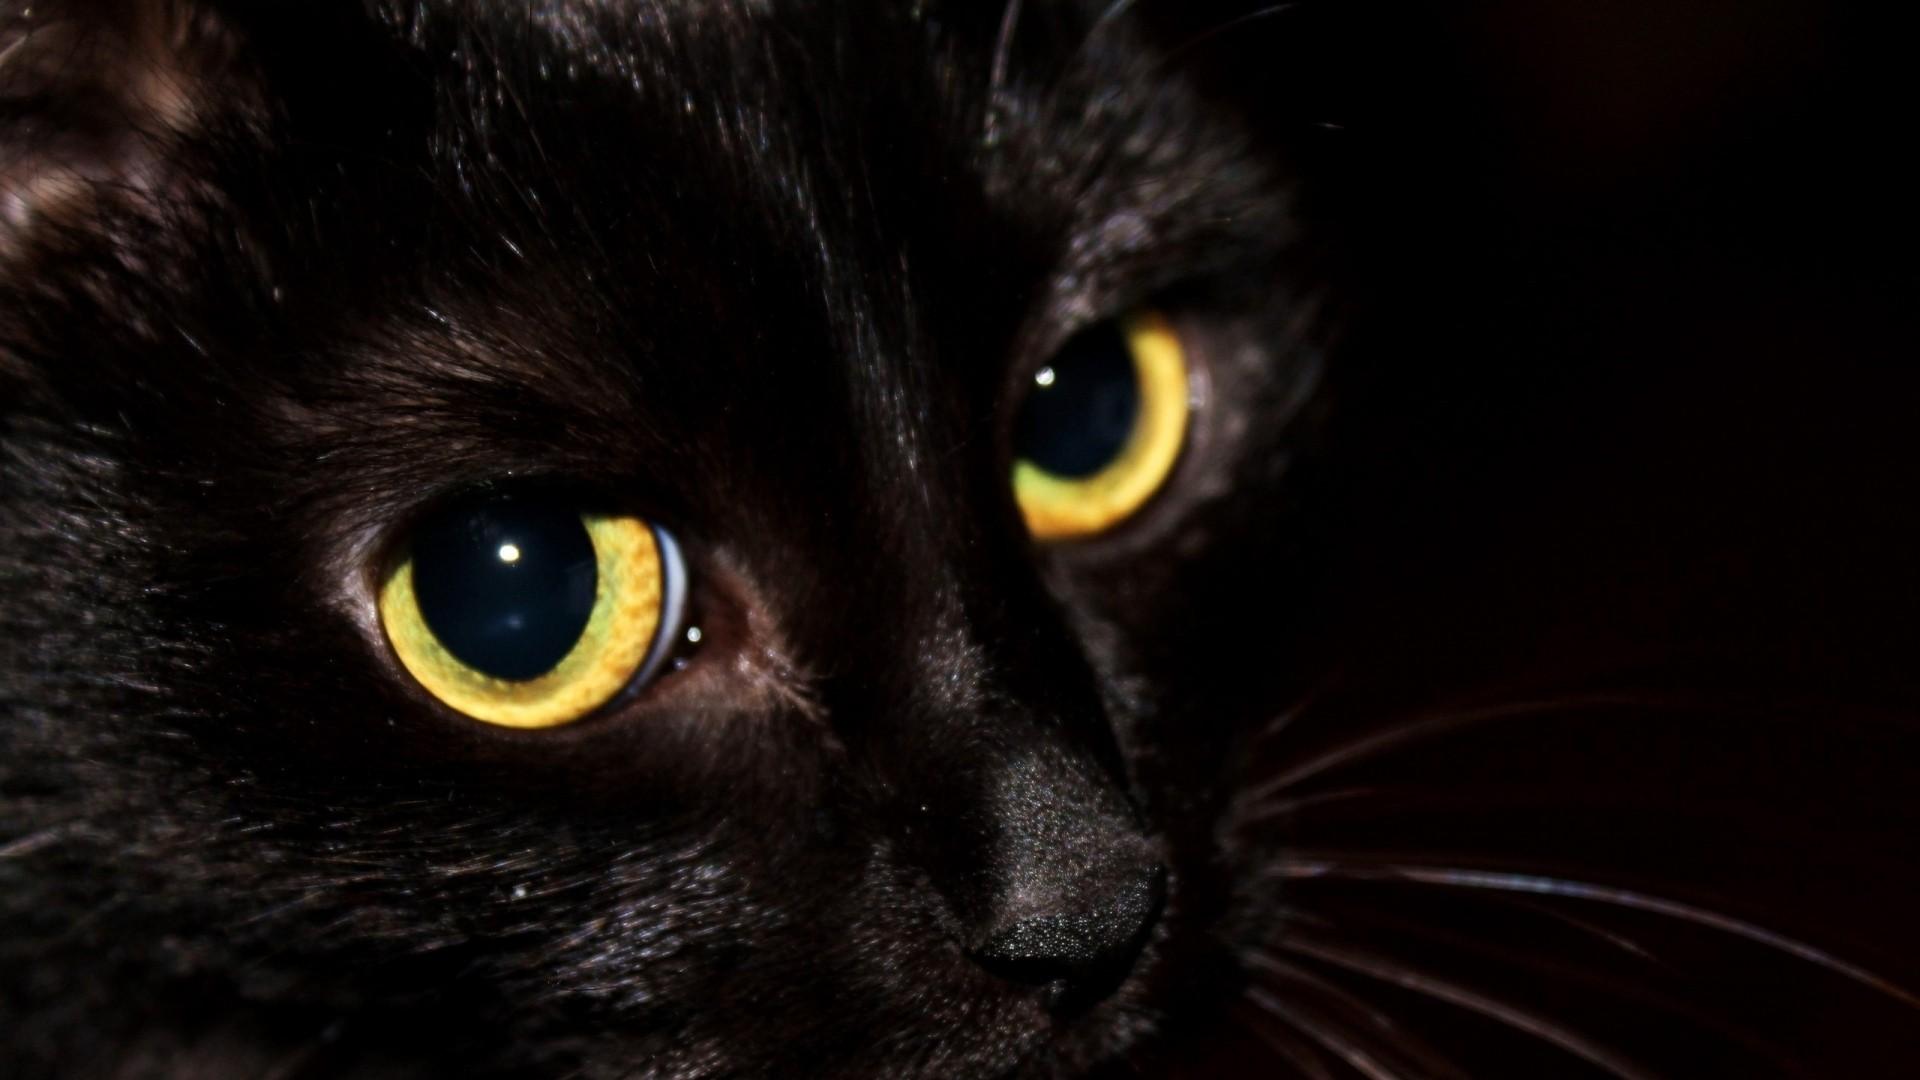 Black Cat 1080p